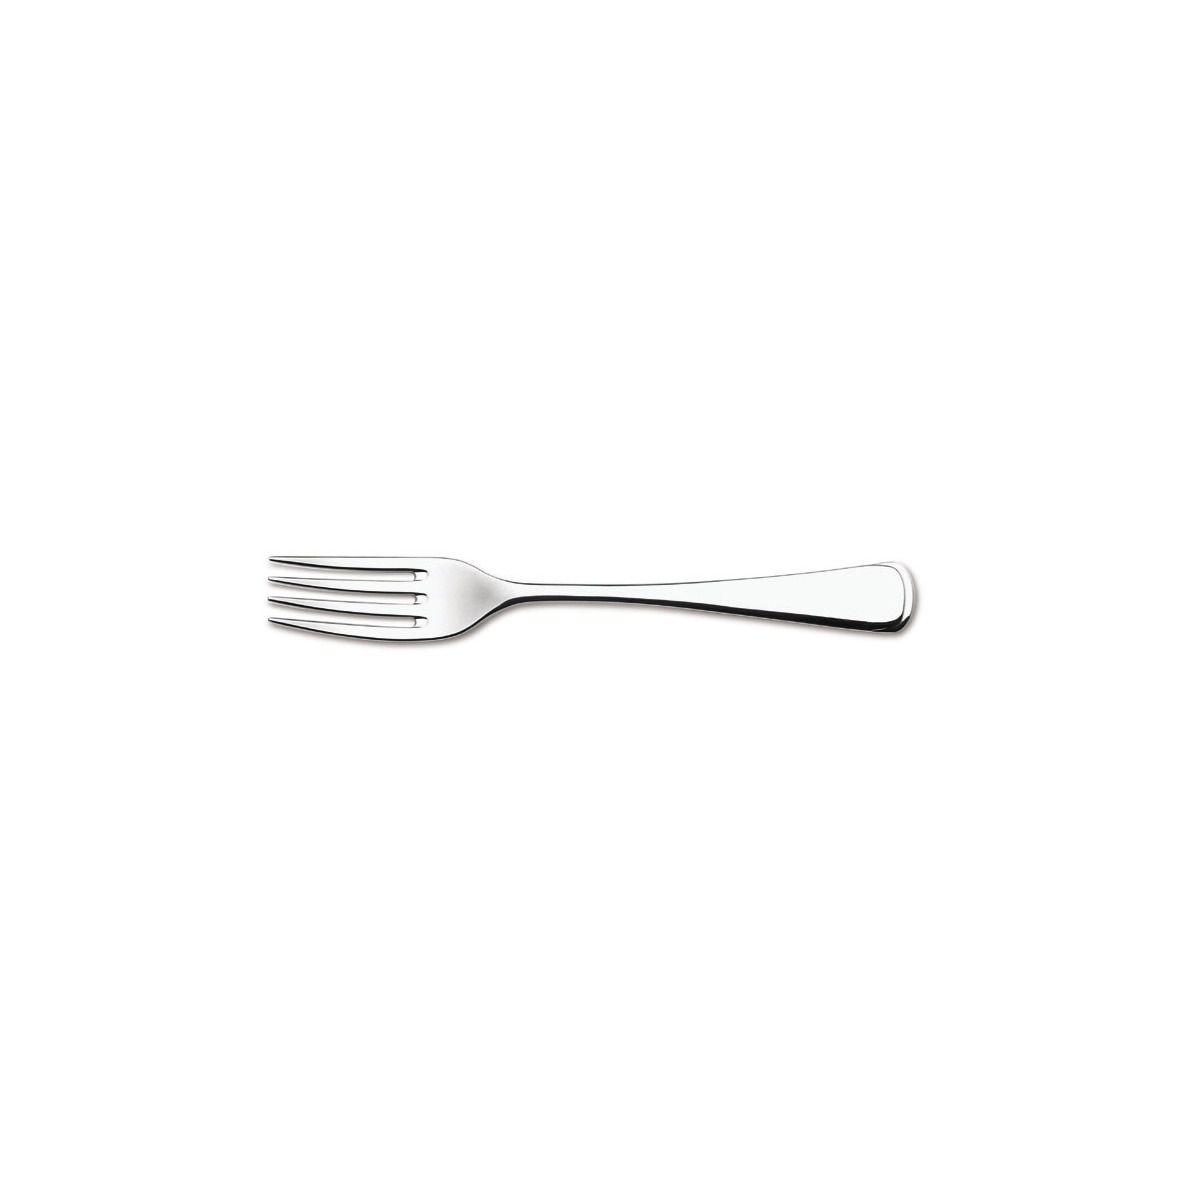 Garfo para sobremesa aço inox 63917/050 | Lojas Estrela